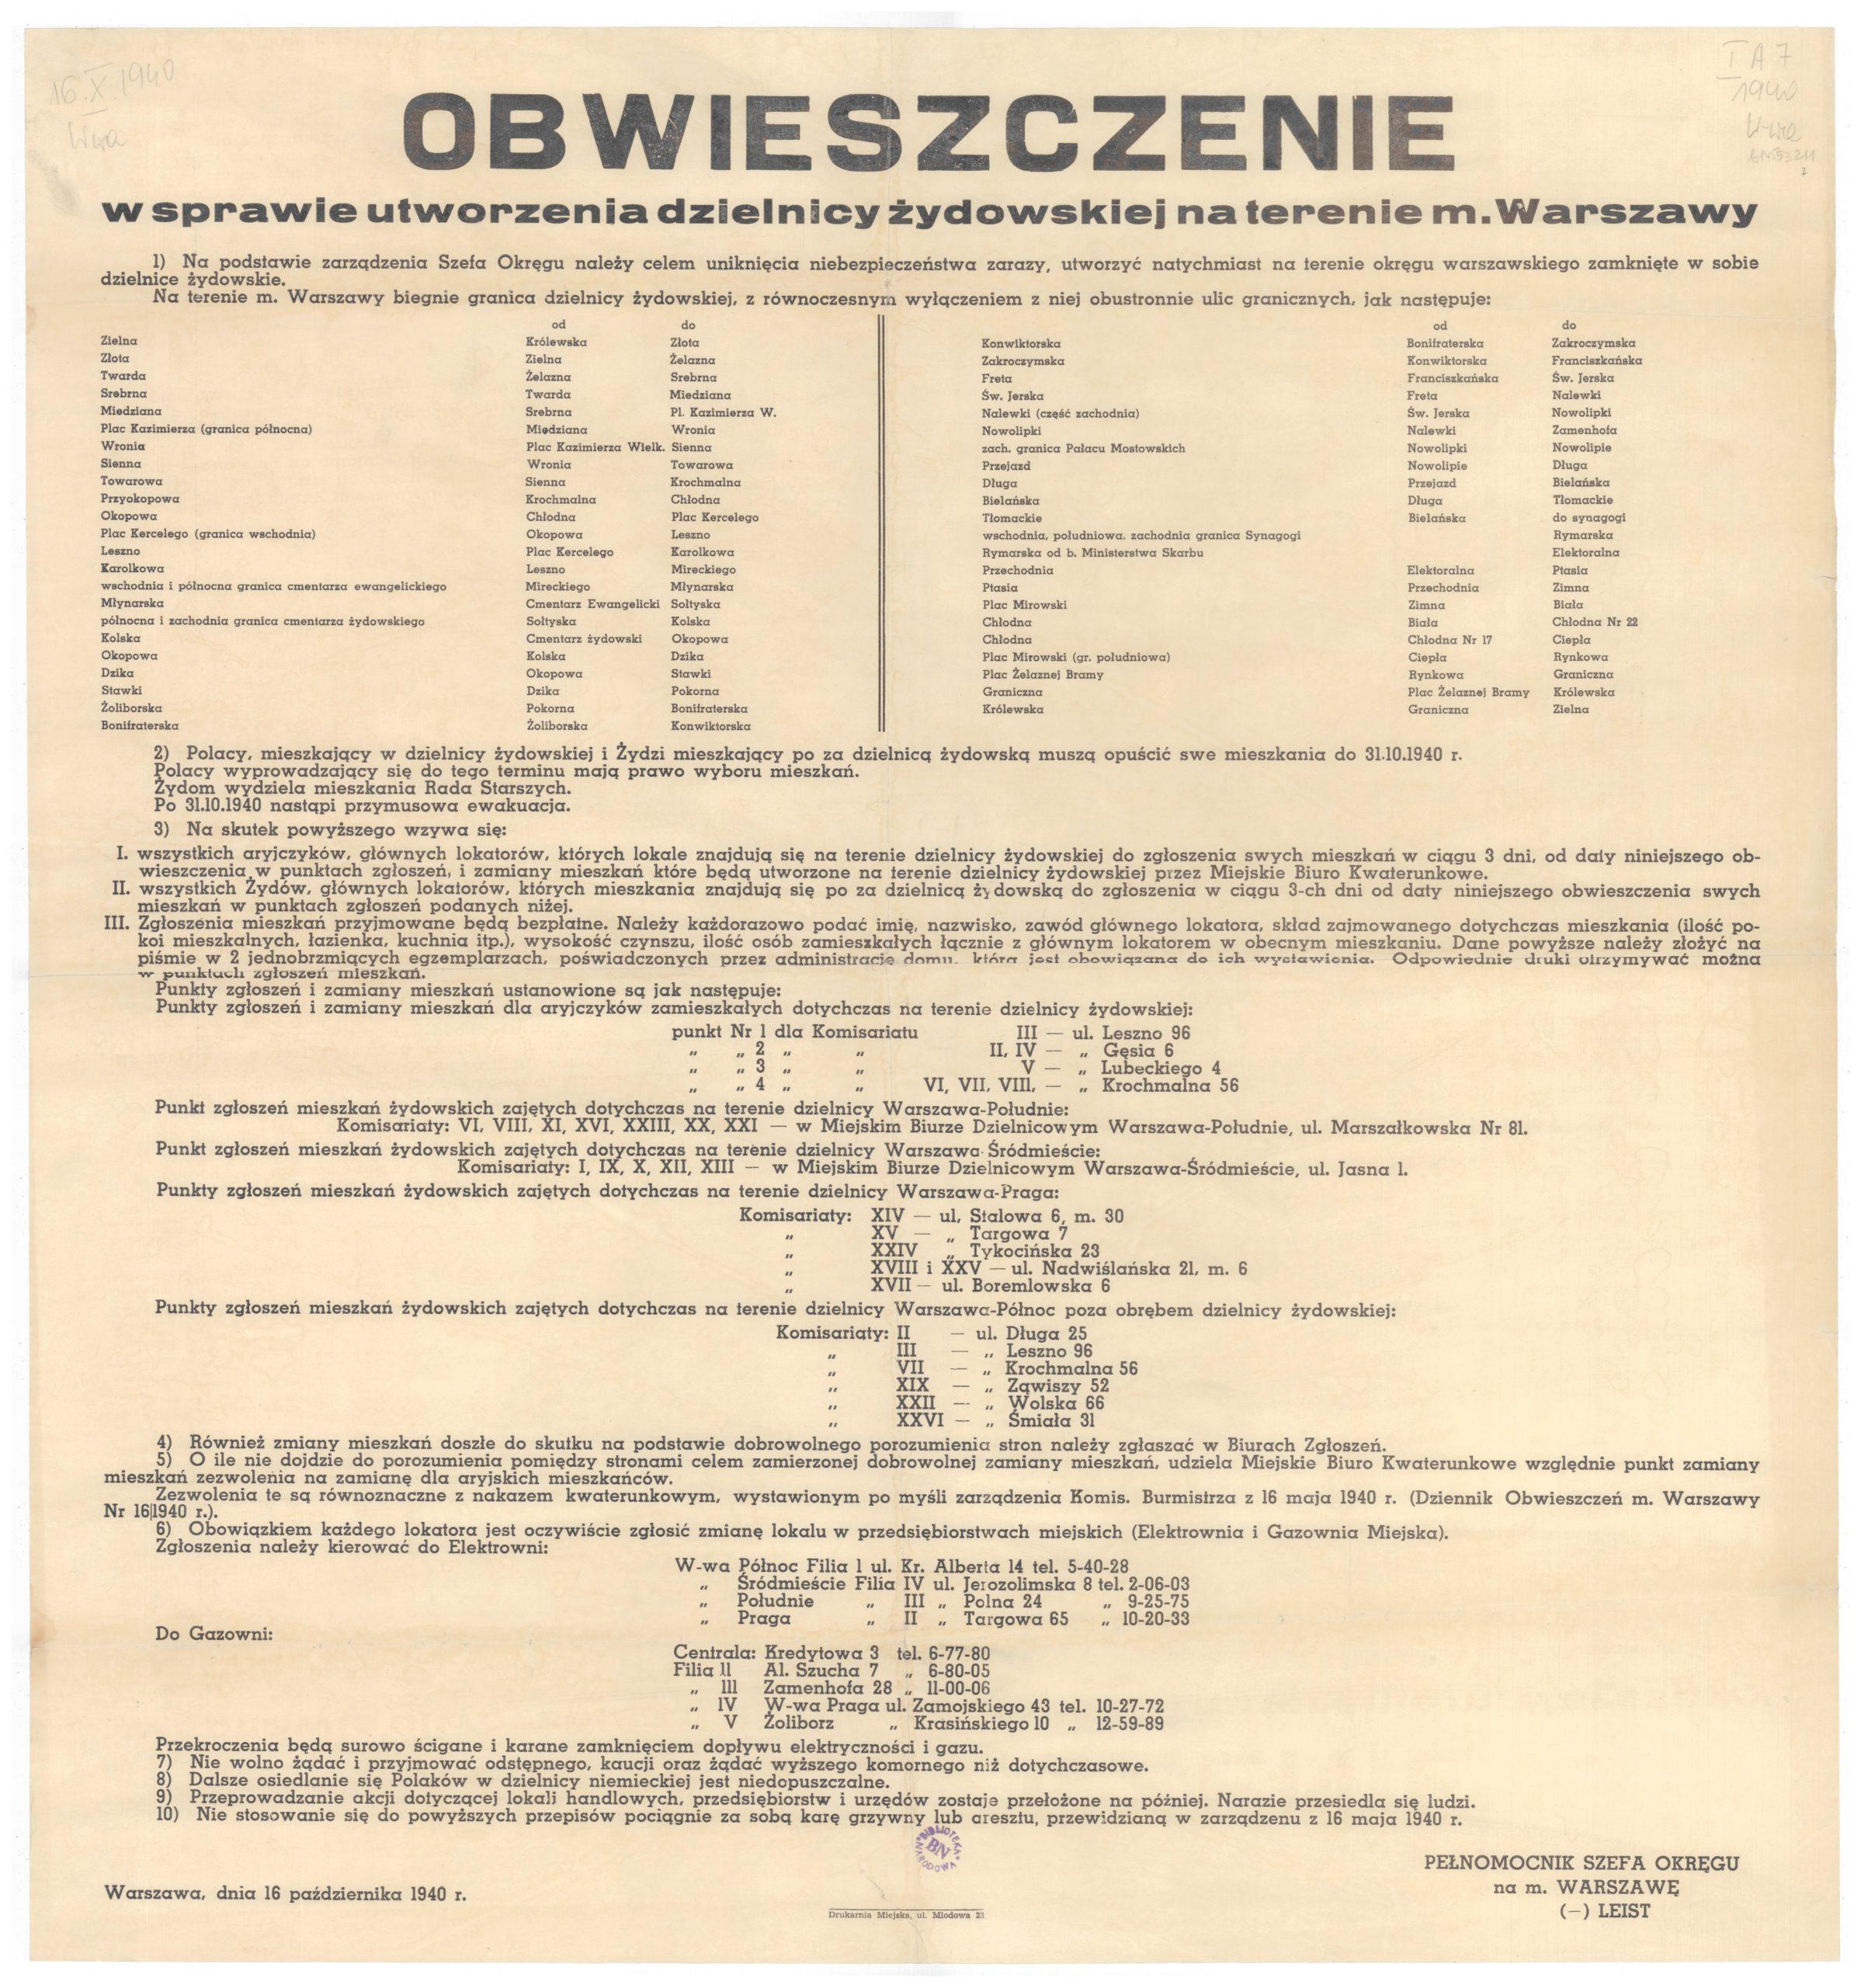 Obwieszczenie w sprawie utworzenia dzielnicy żydowskiej na terenie m. Warszawy